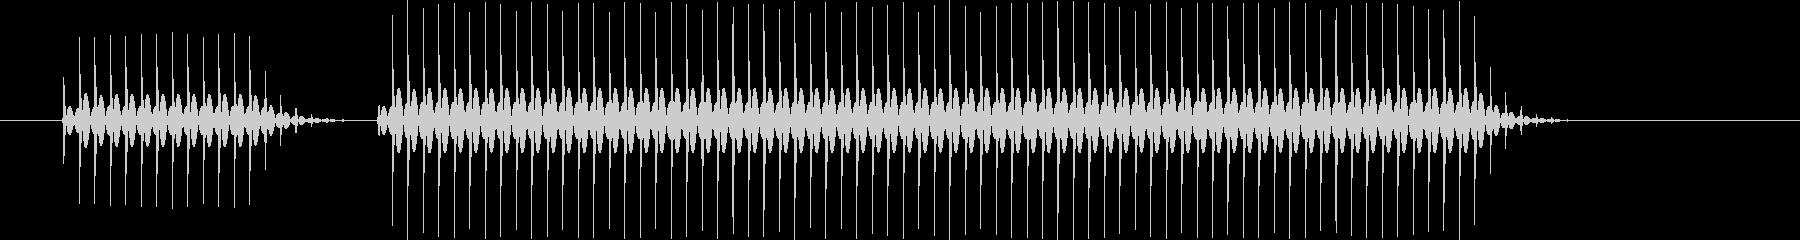 ブッブー(ハズレ・不正解)の未再生の波形